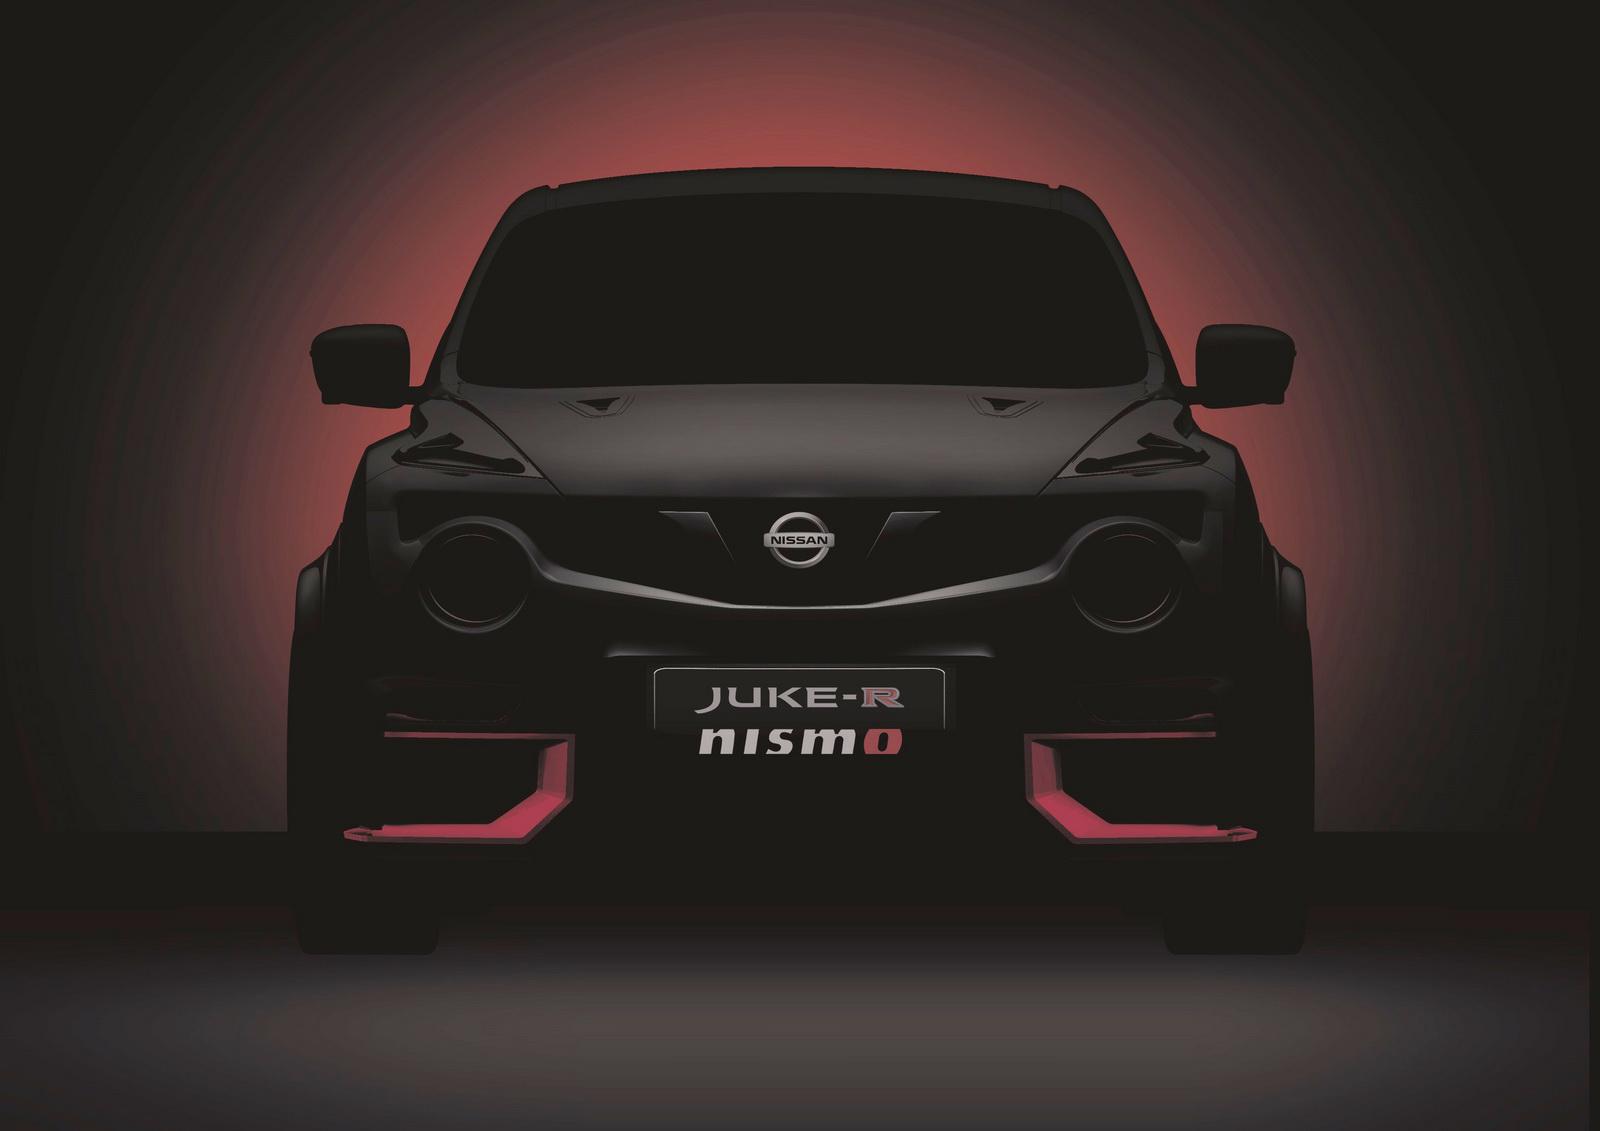 Nissan chuẩn bị giới thiệu Juke-R Nismo với giá không tưởng